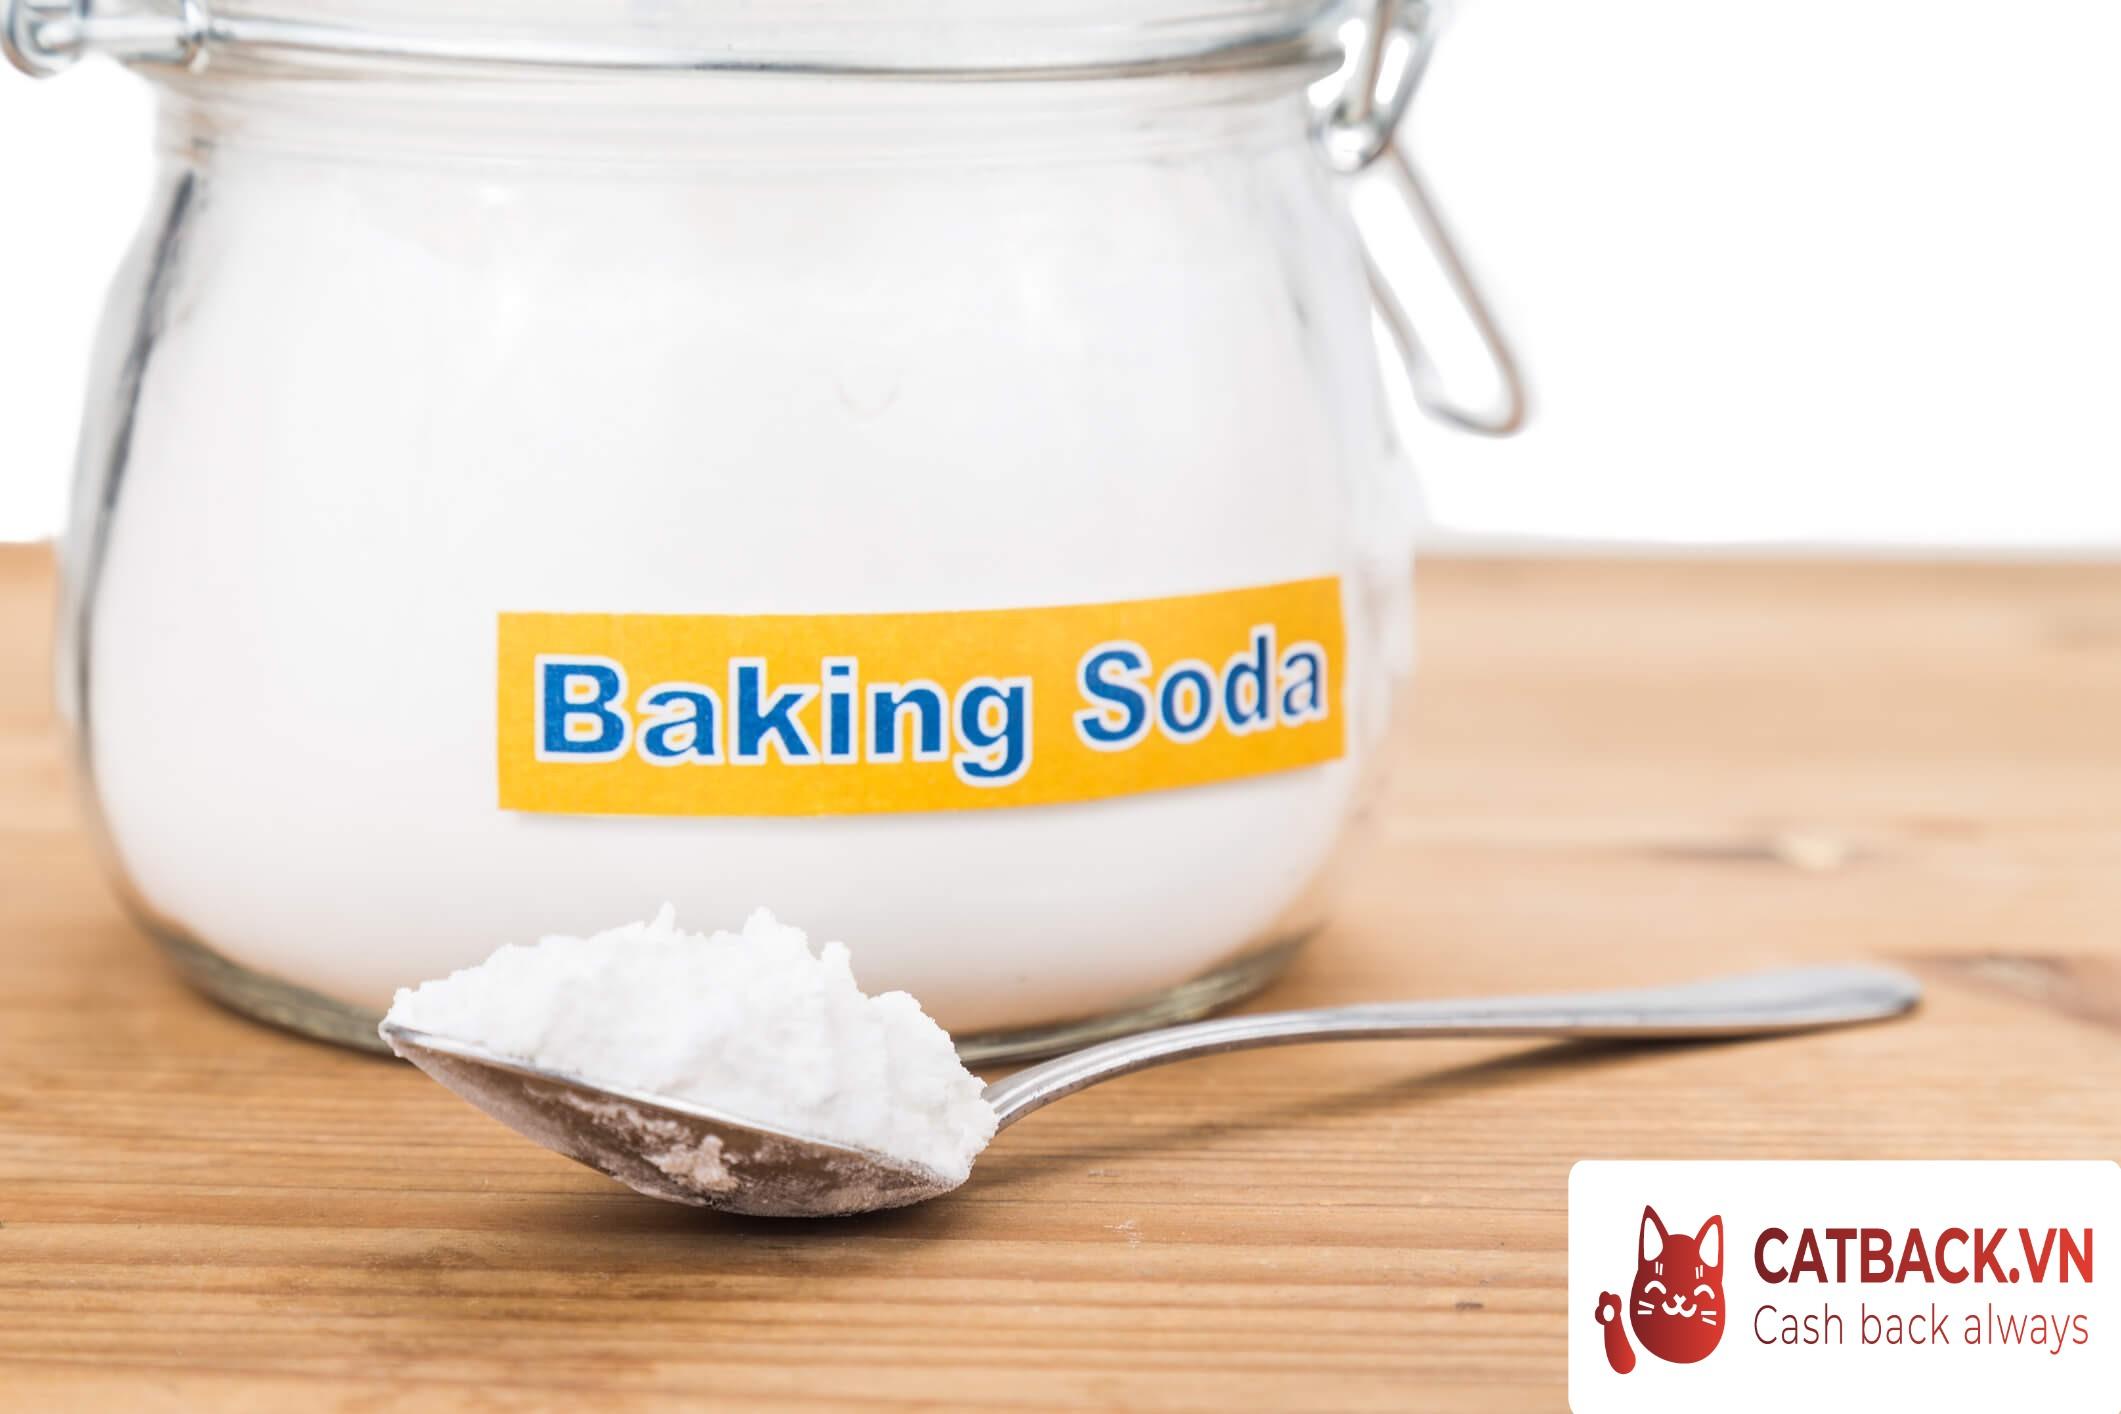 Baking soda giúp loại bỏ hoàn toàn chất bẩn trên áo trắng